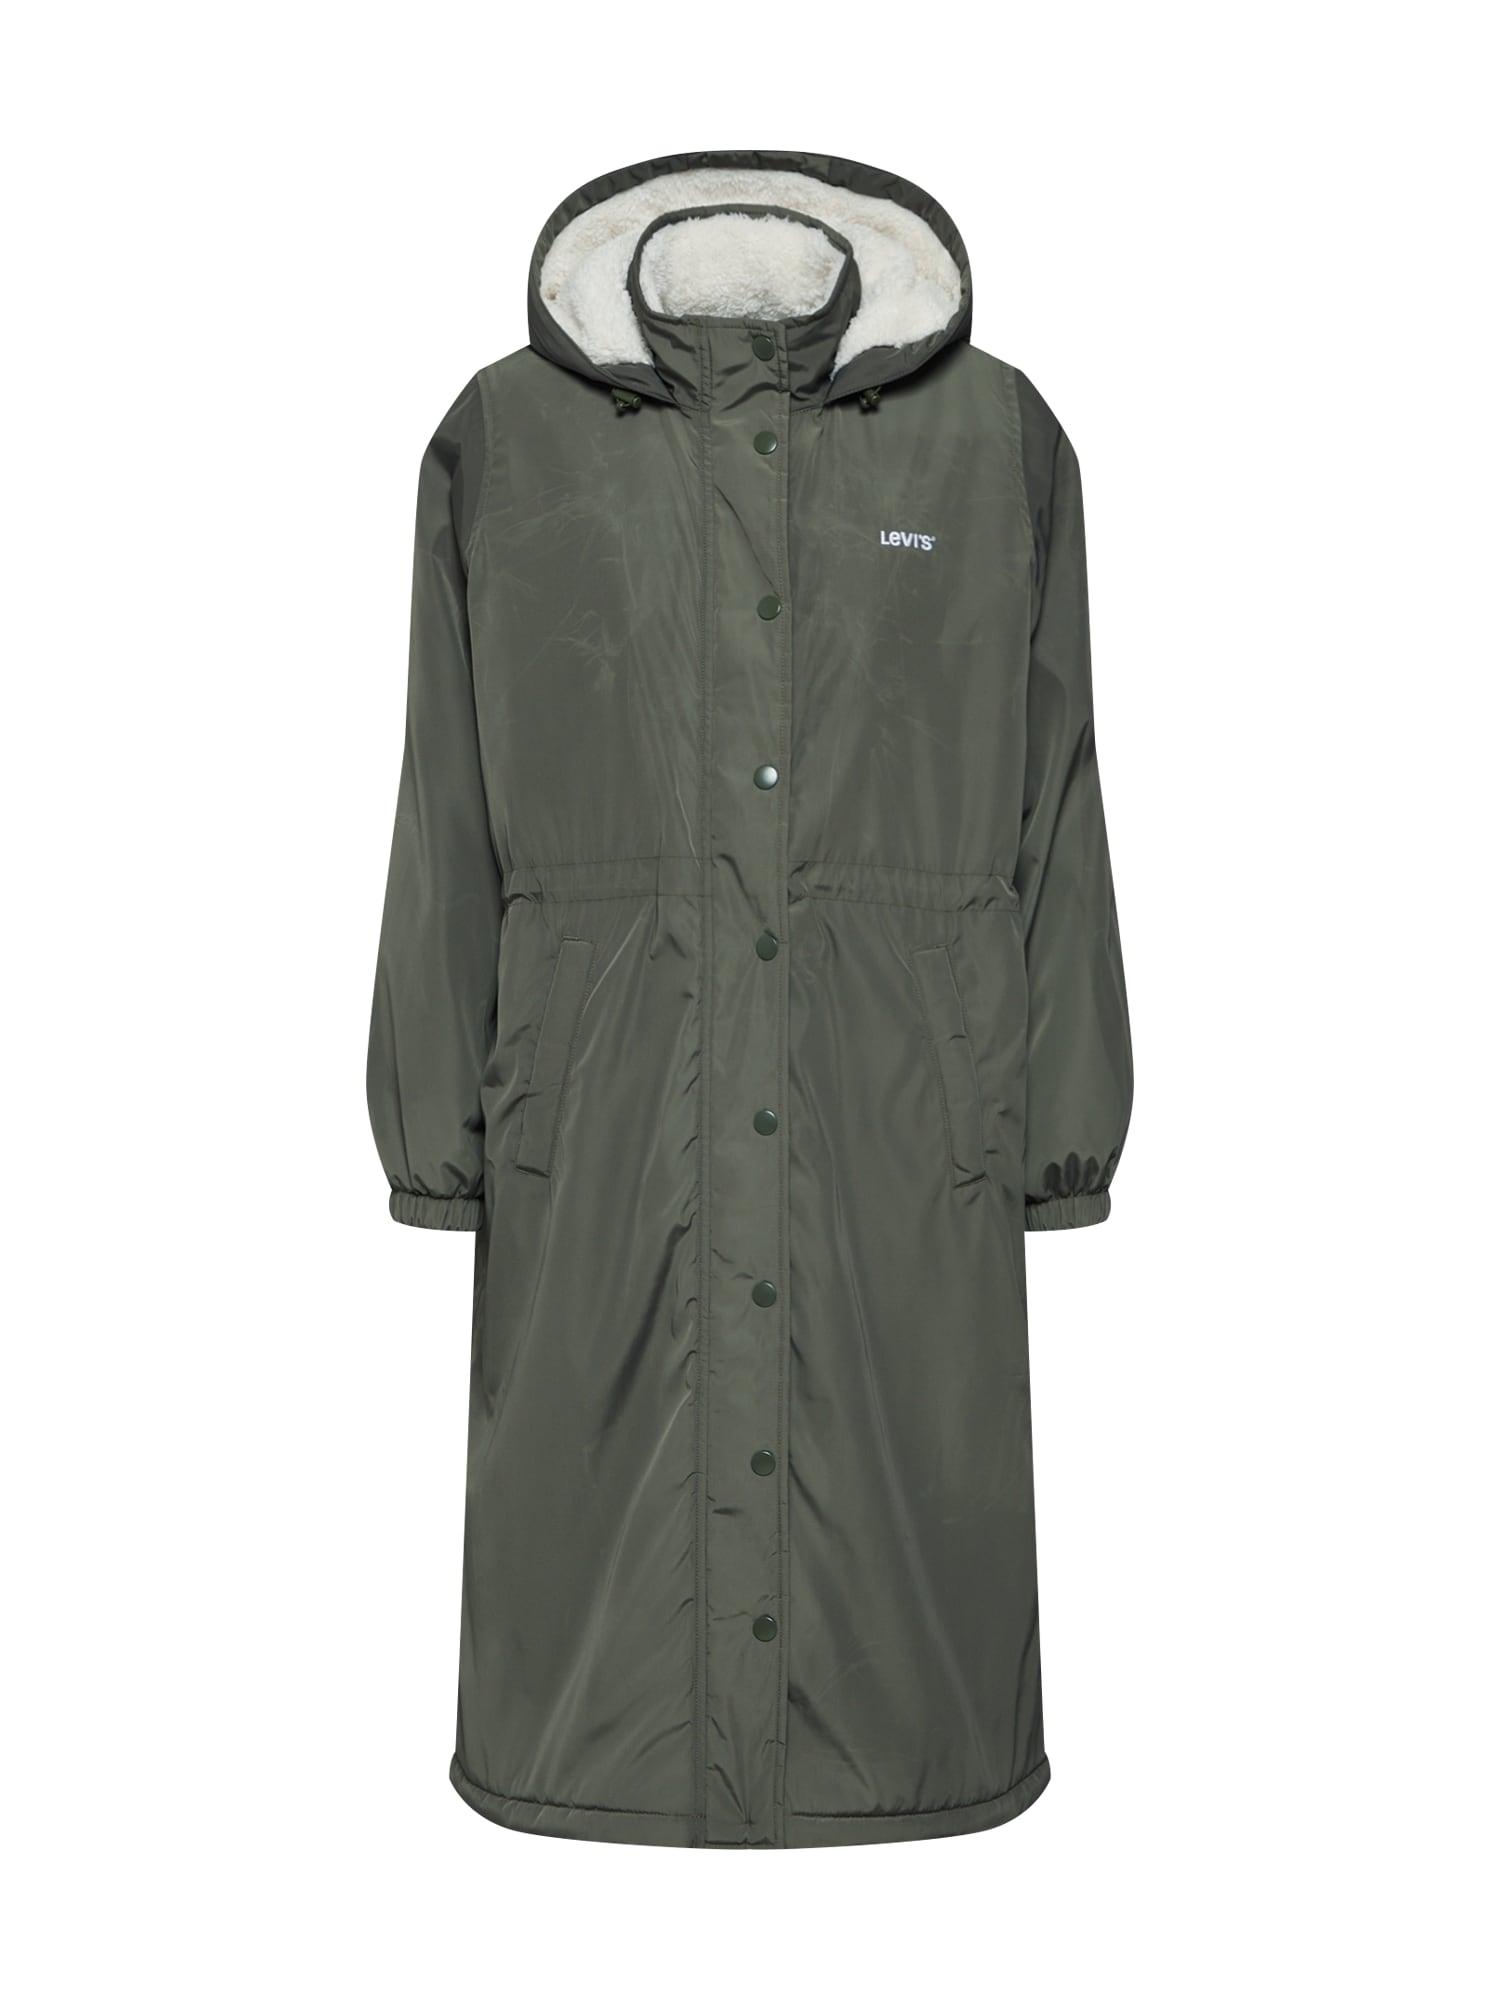 LEVIS Zimní kabát ESTELLE khaki LEVI'S